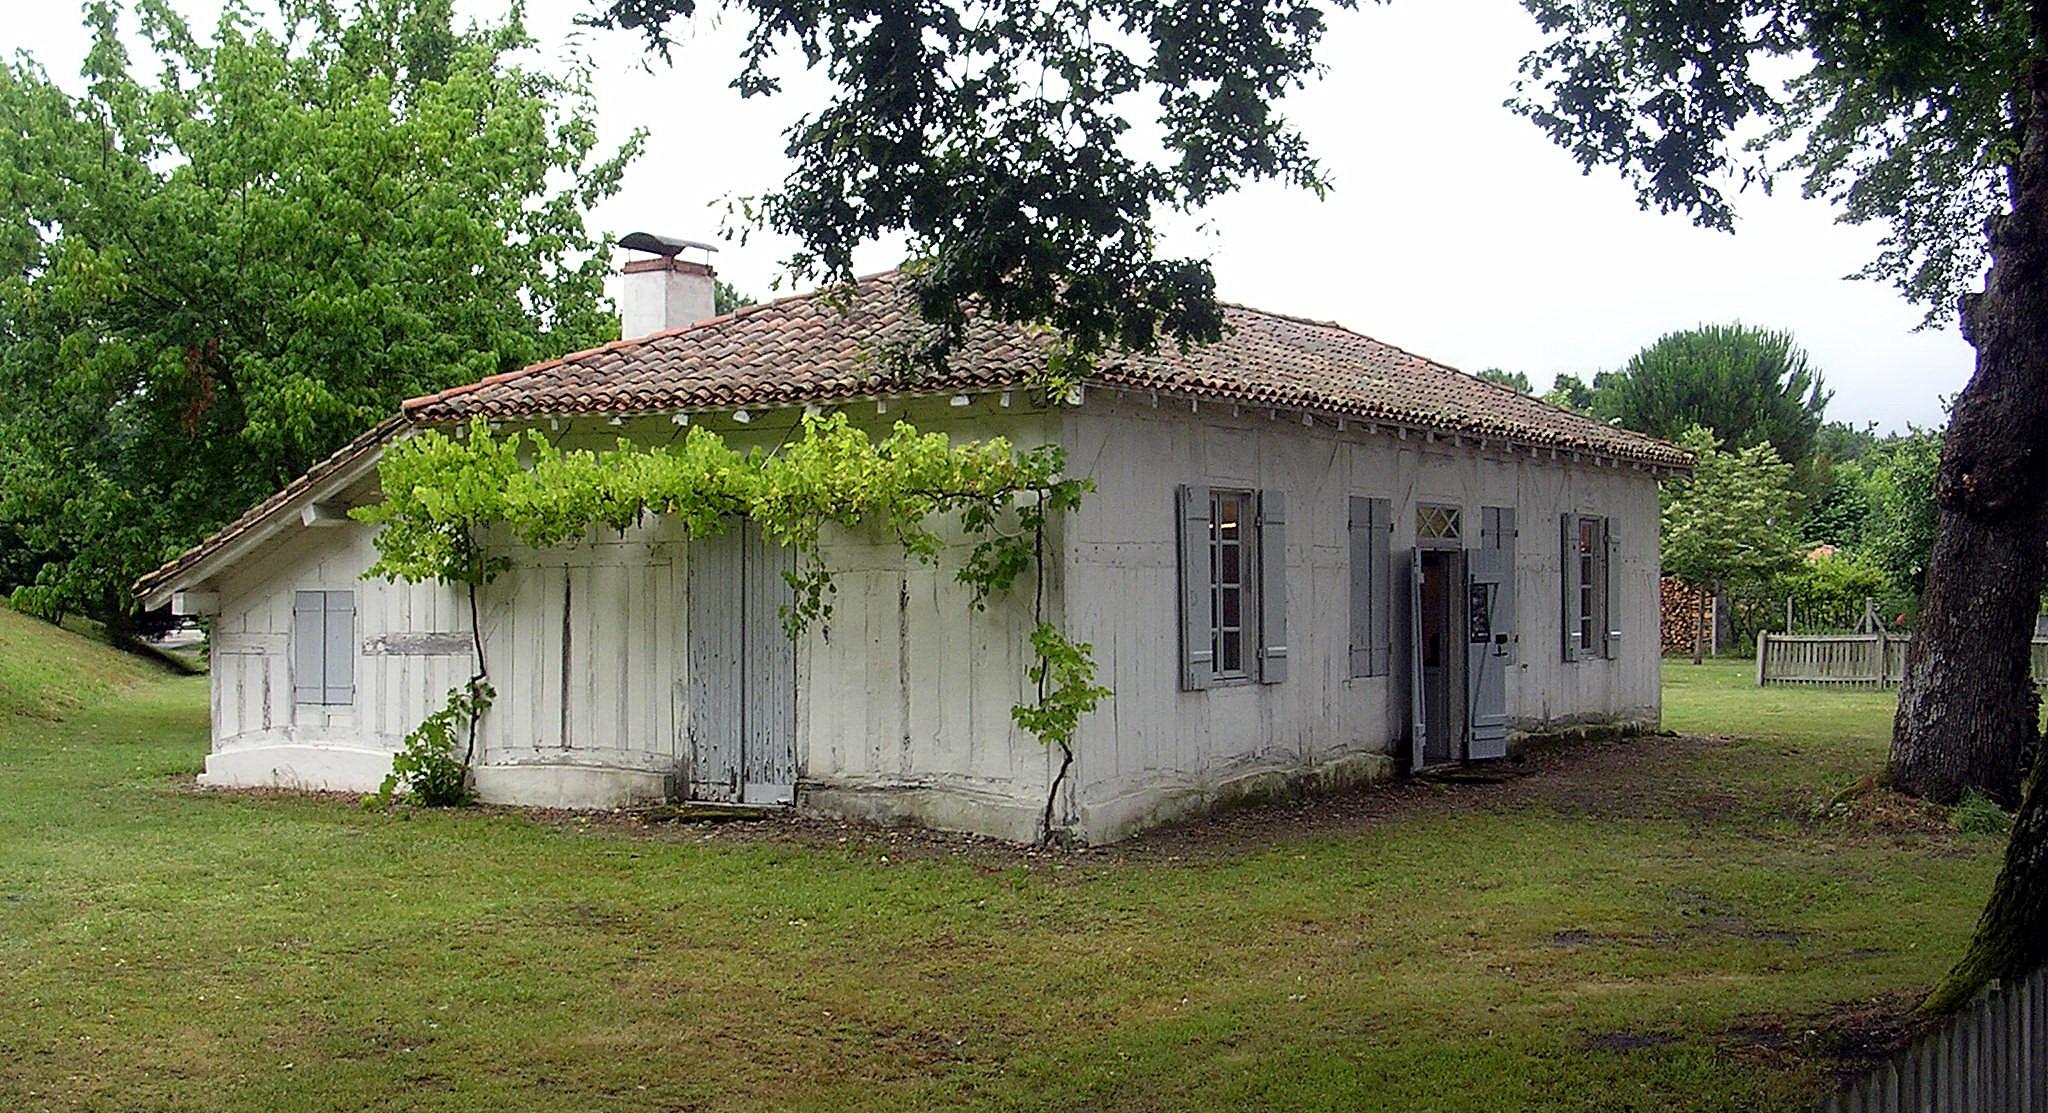 Maison landaise for Constructeur maison landaise